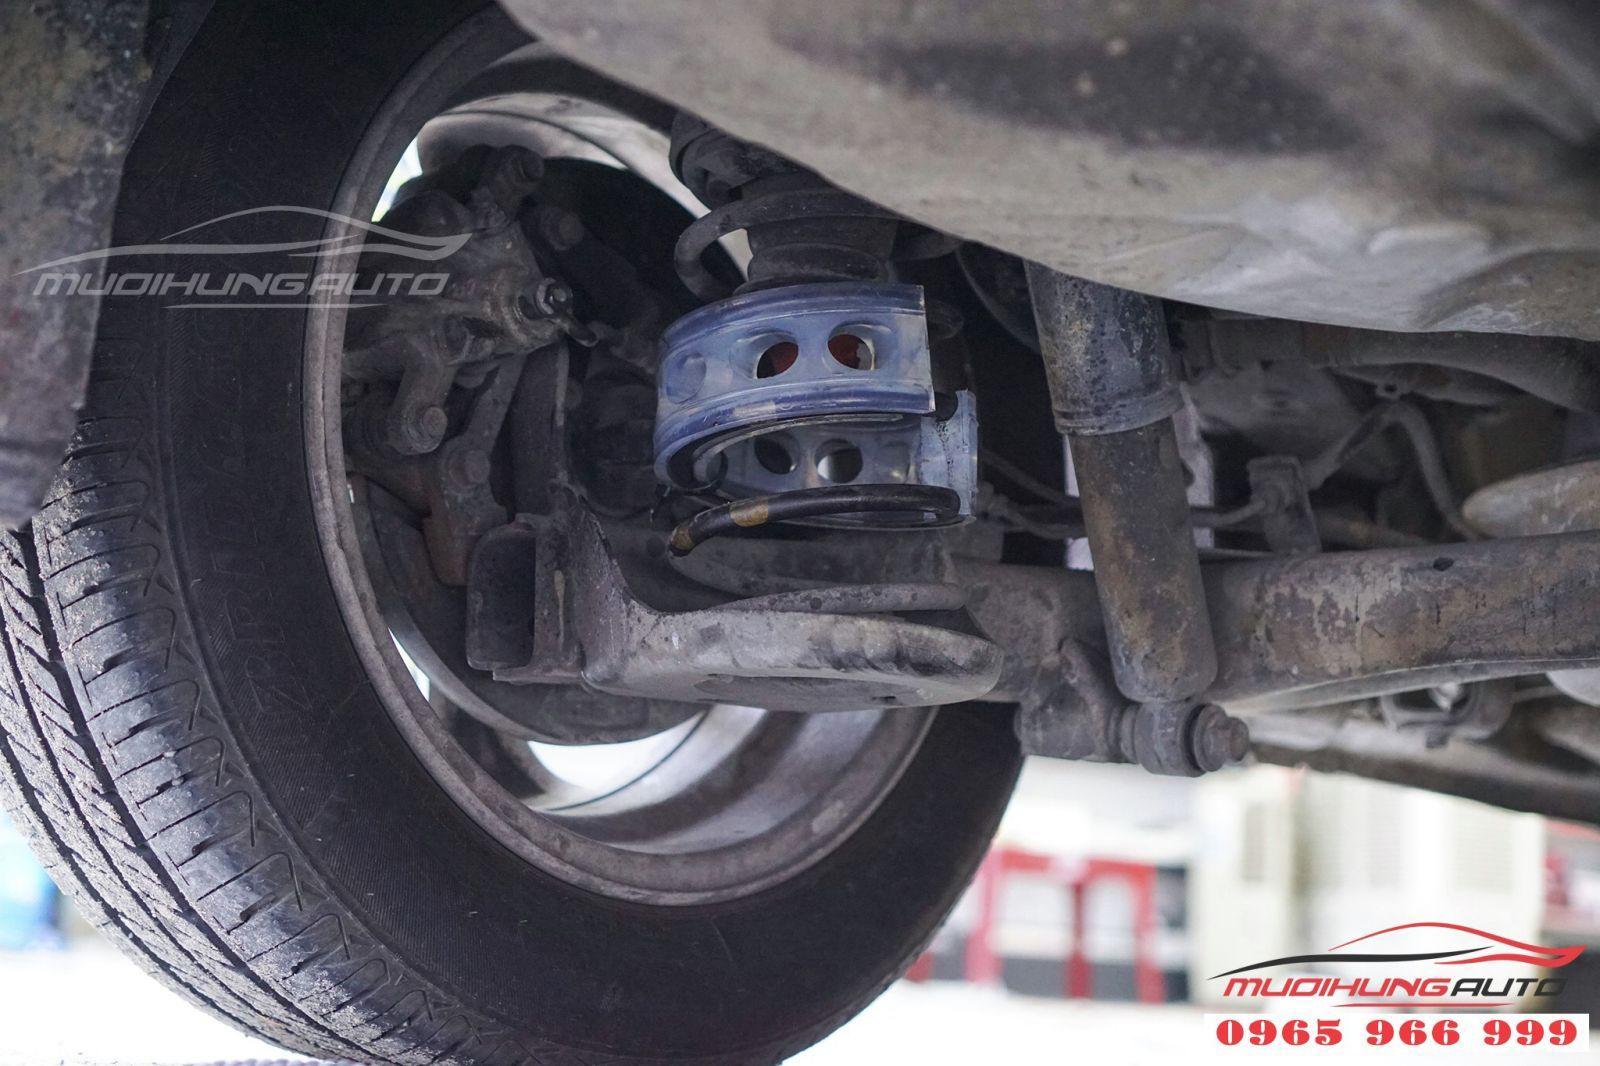 Đệm giảm chấn TTC cho Hyundai Grand i20 giá tốt 03